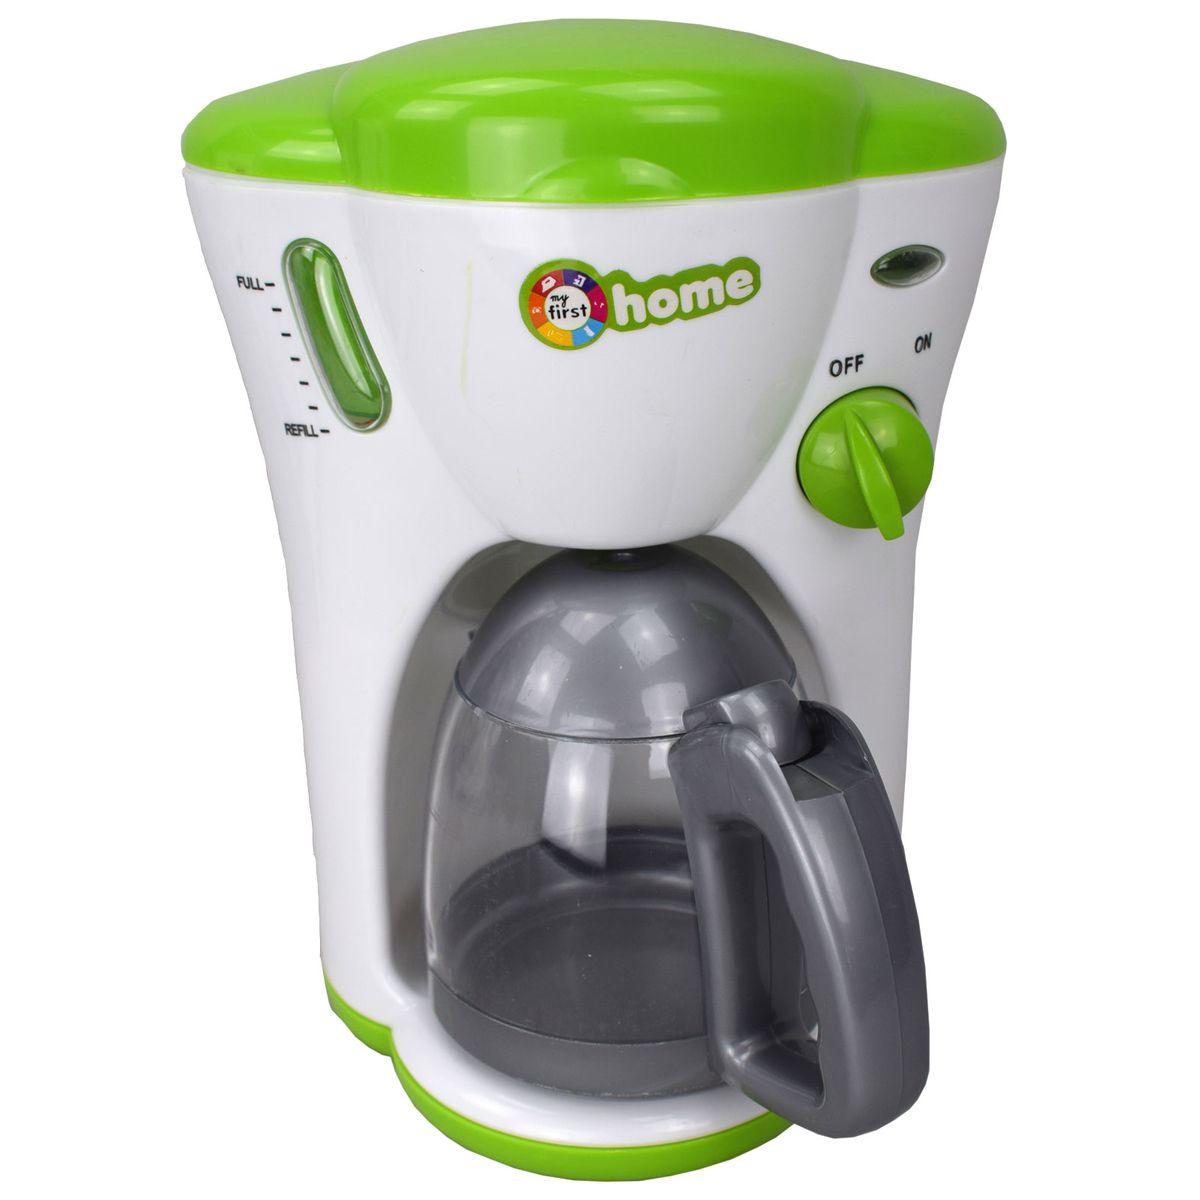 kaffeemaschine mit licht für kinder spiel küche kochen